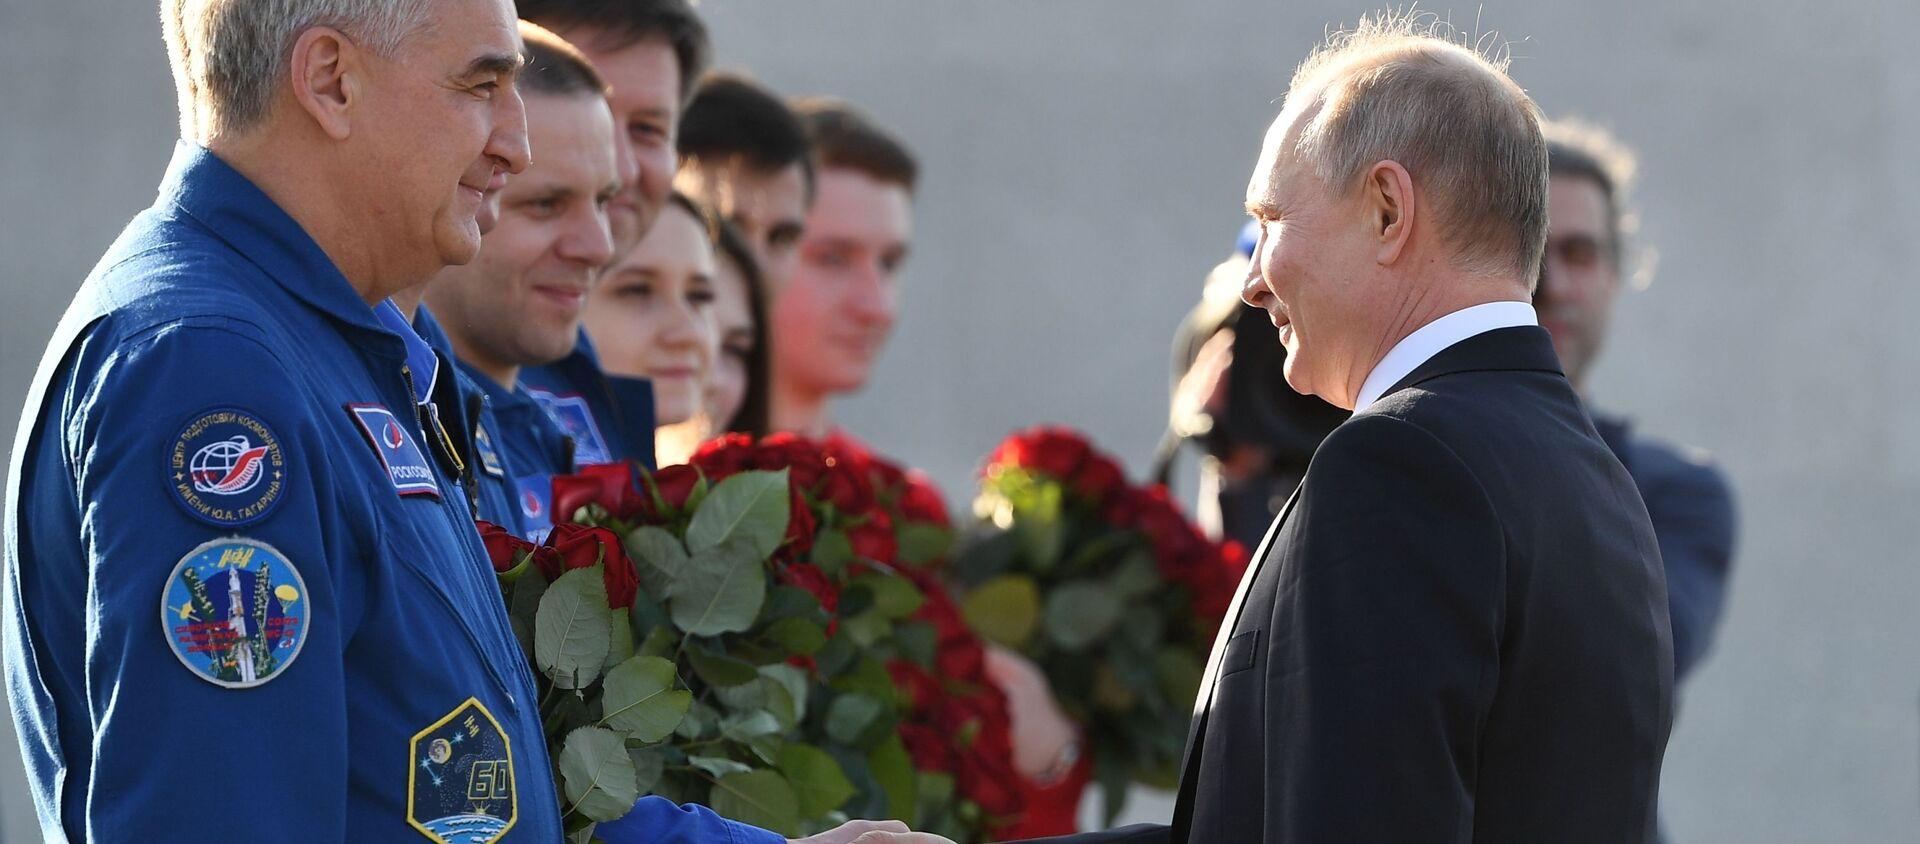 Tổng thống Nga Vladimir Putin chào mừng các thành viên của đội du hành vũ trụ Roskosmos nhân Ngày Du hành vũ trụ. - Sputnik Việt Nam, 1920, 12.04.2021